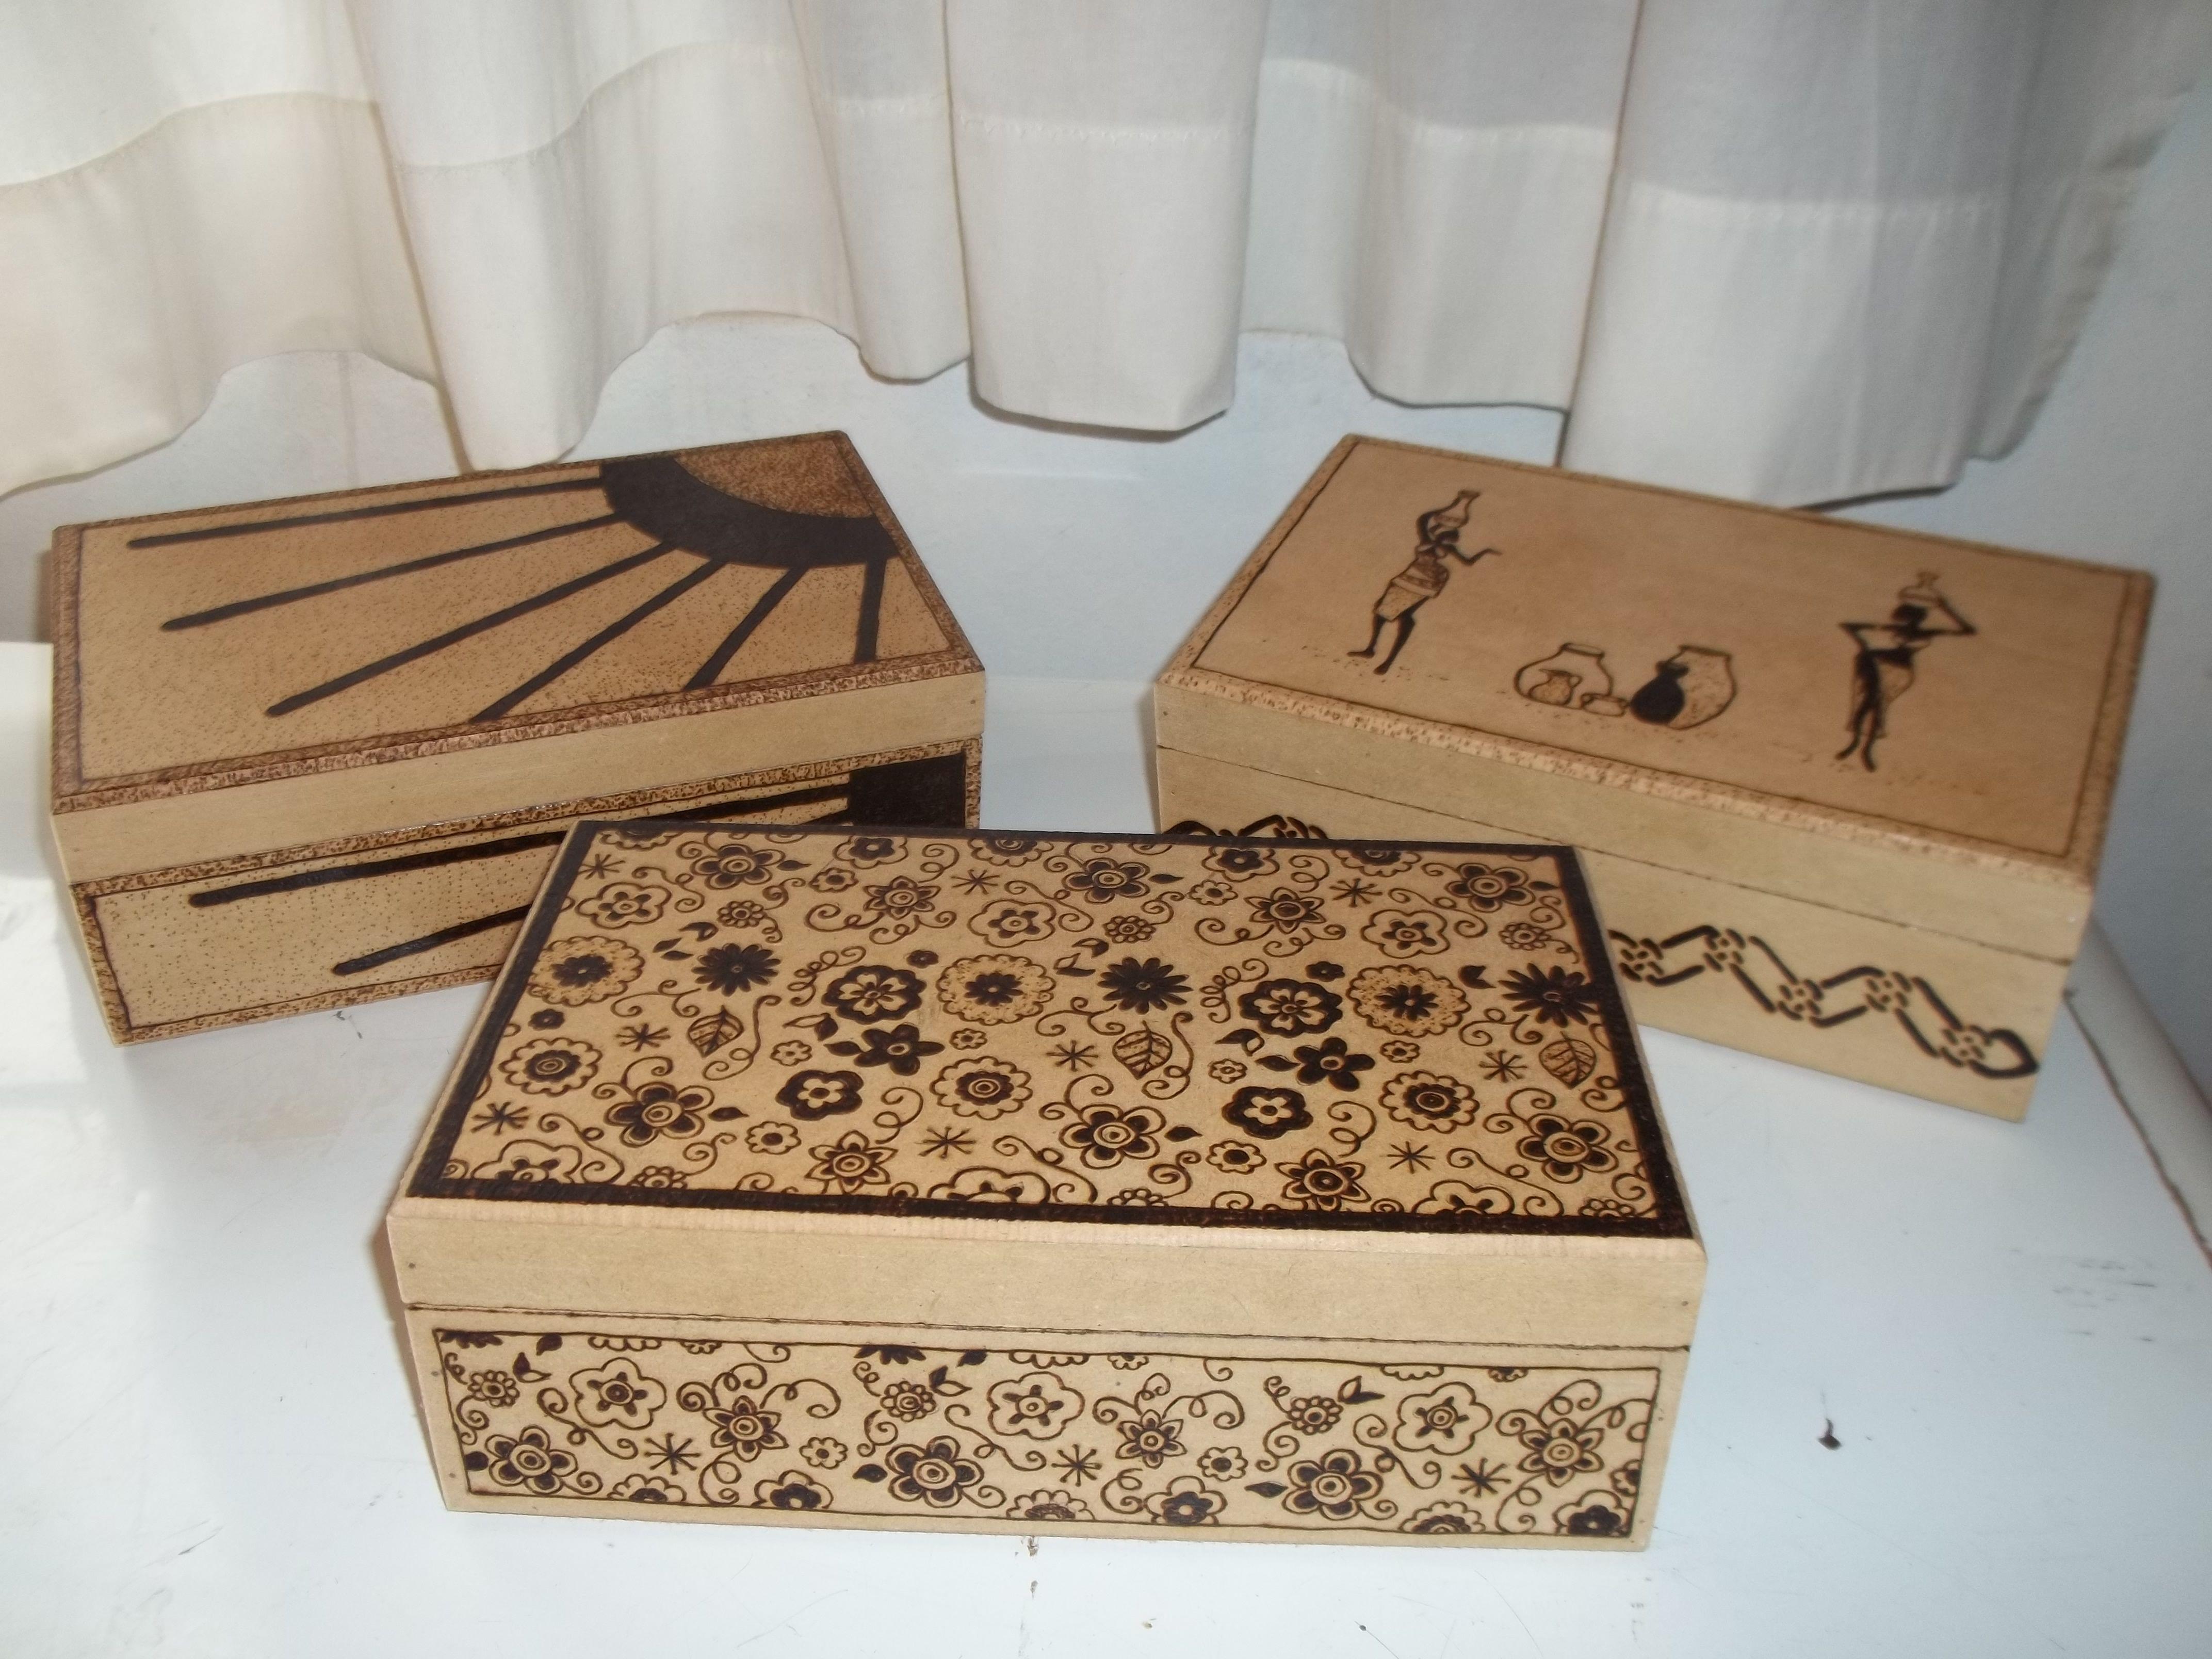 En cajas de madera free las cajas de madera son la nueva - Cajas de madera decorativas ...